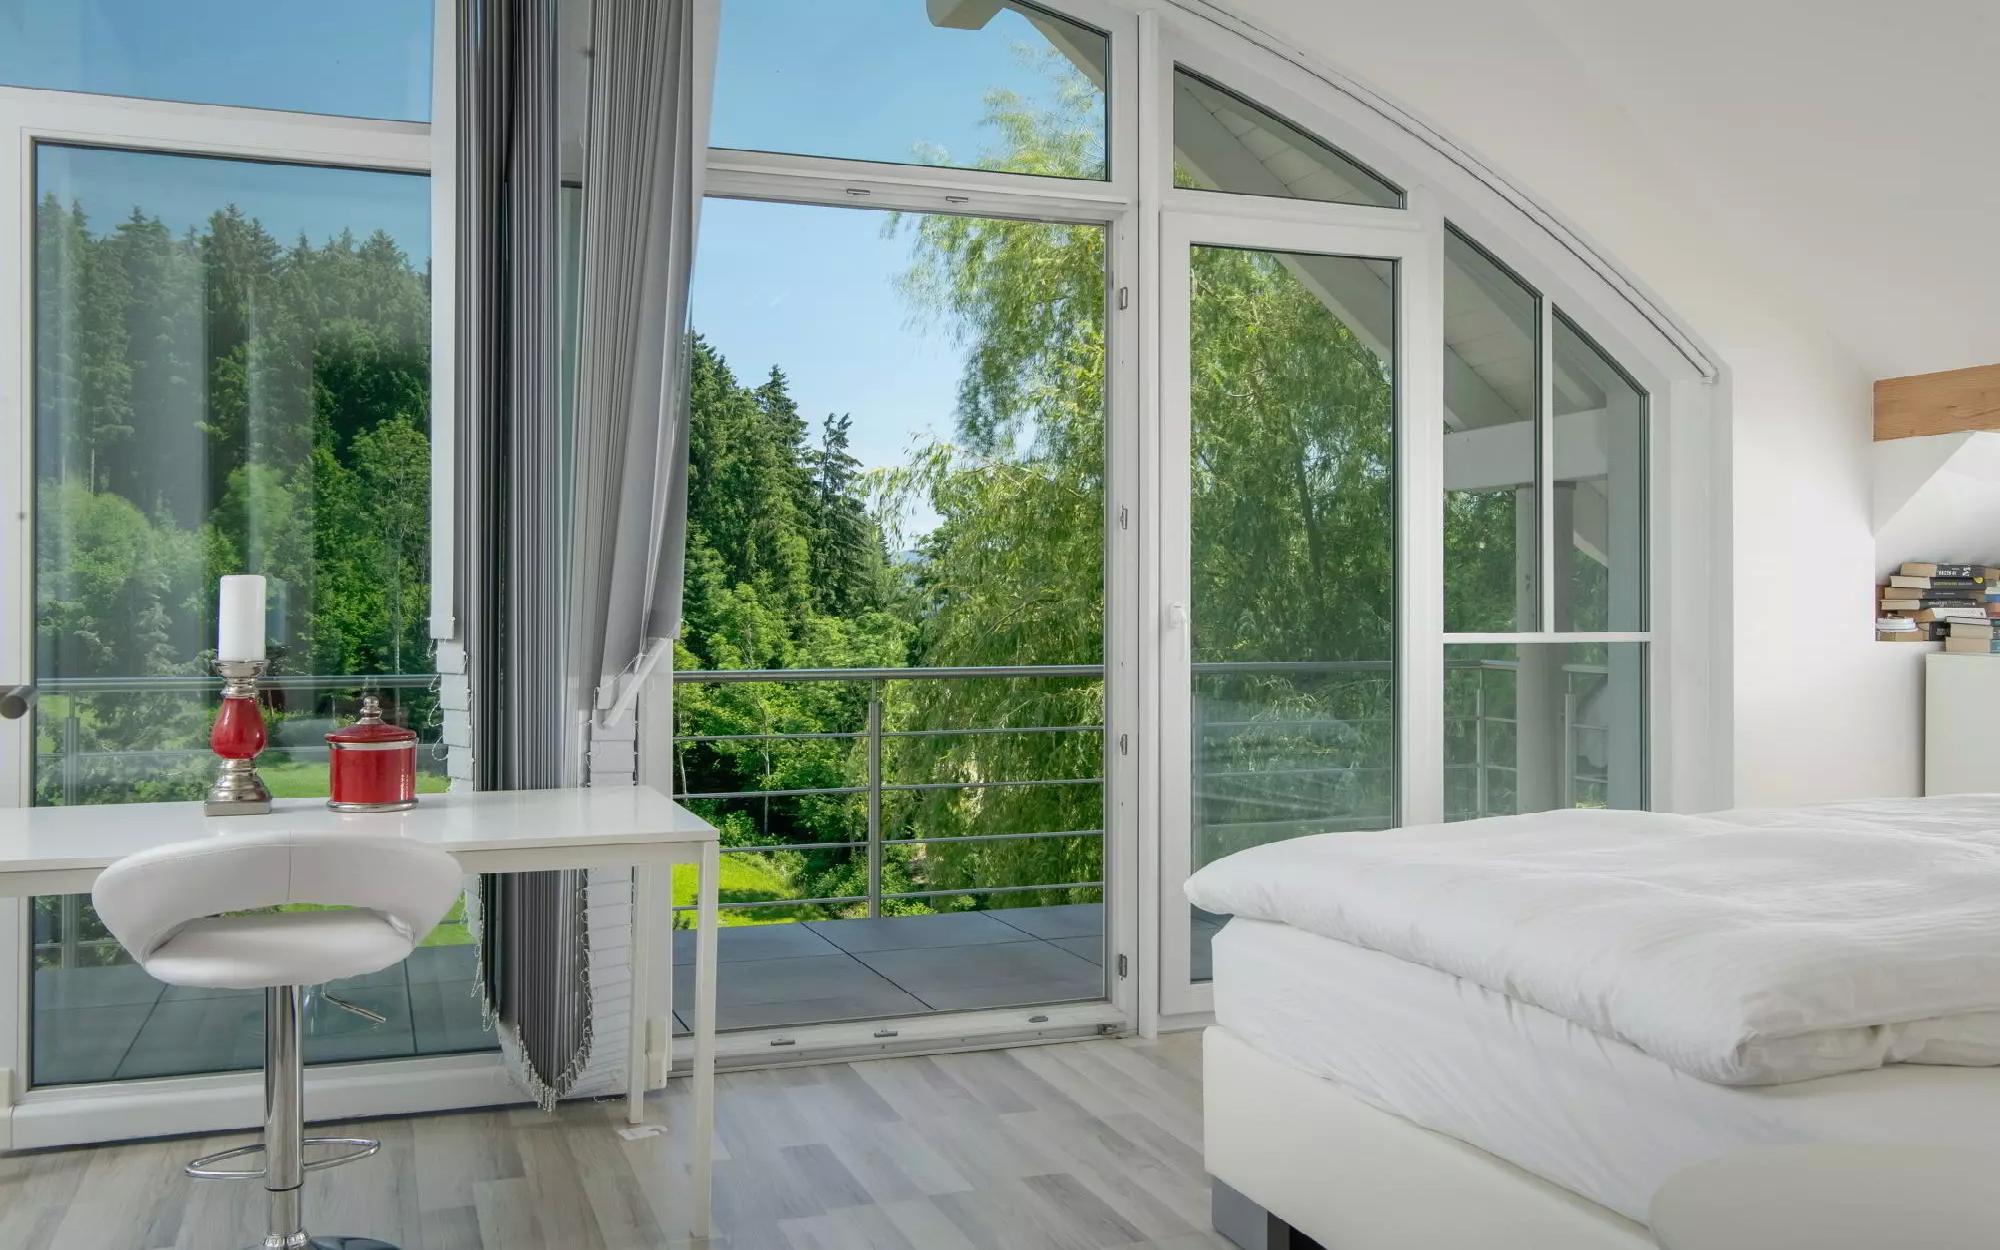 Charmante Villa mit Seeblick am Millstättersee zu verkaufen - Österreich - Kärnten